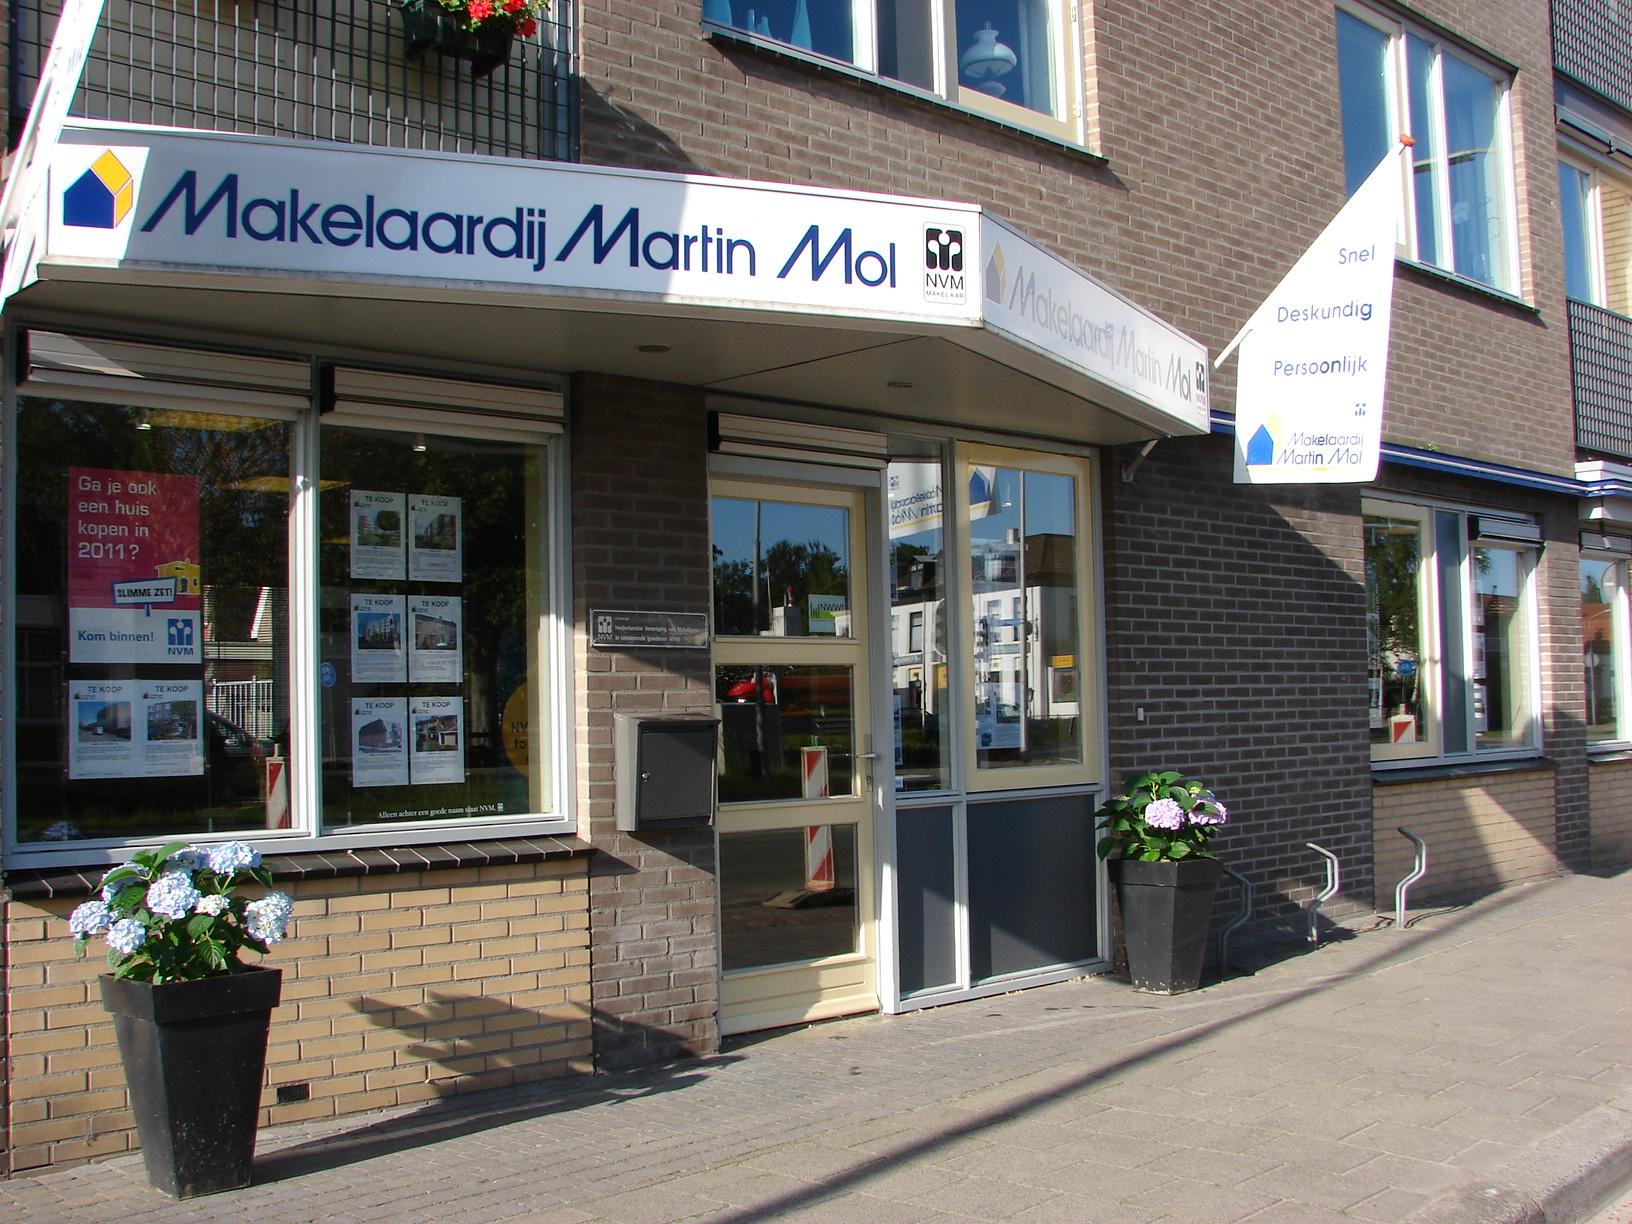 Kantoor Vestiging Martin Mol Makelaardij o.g.